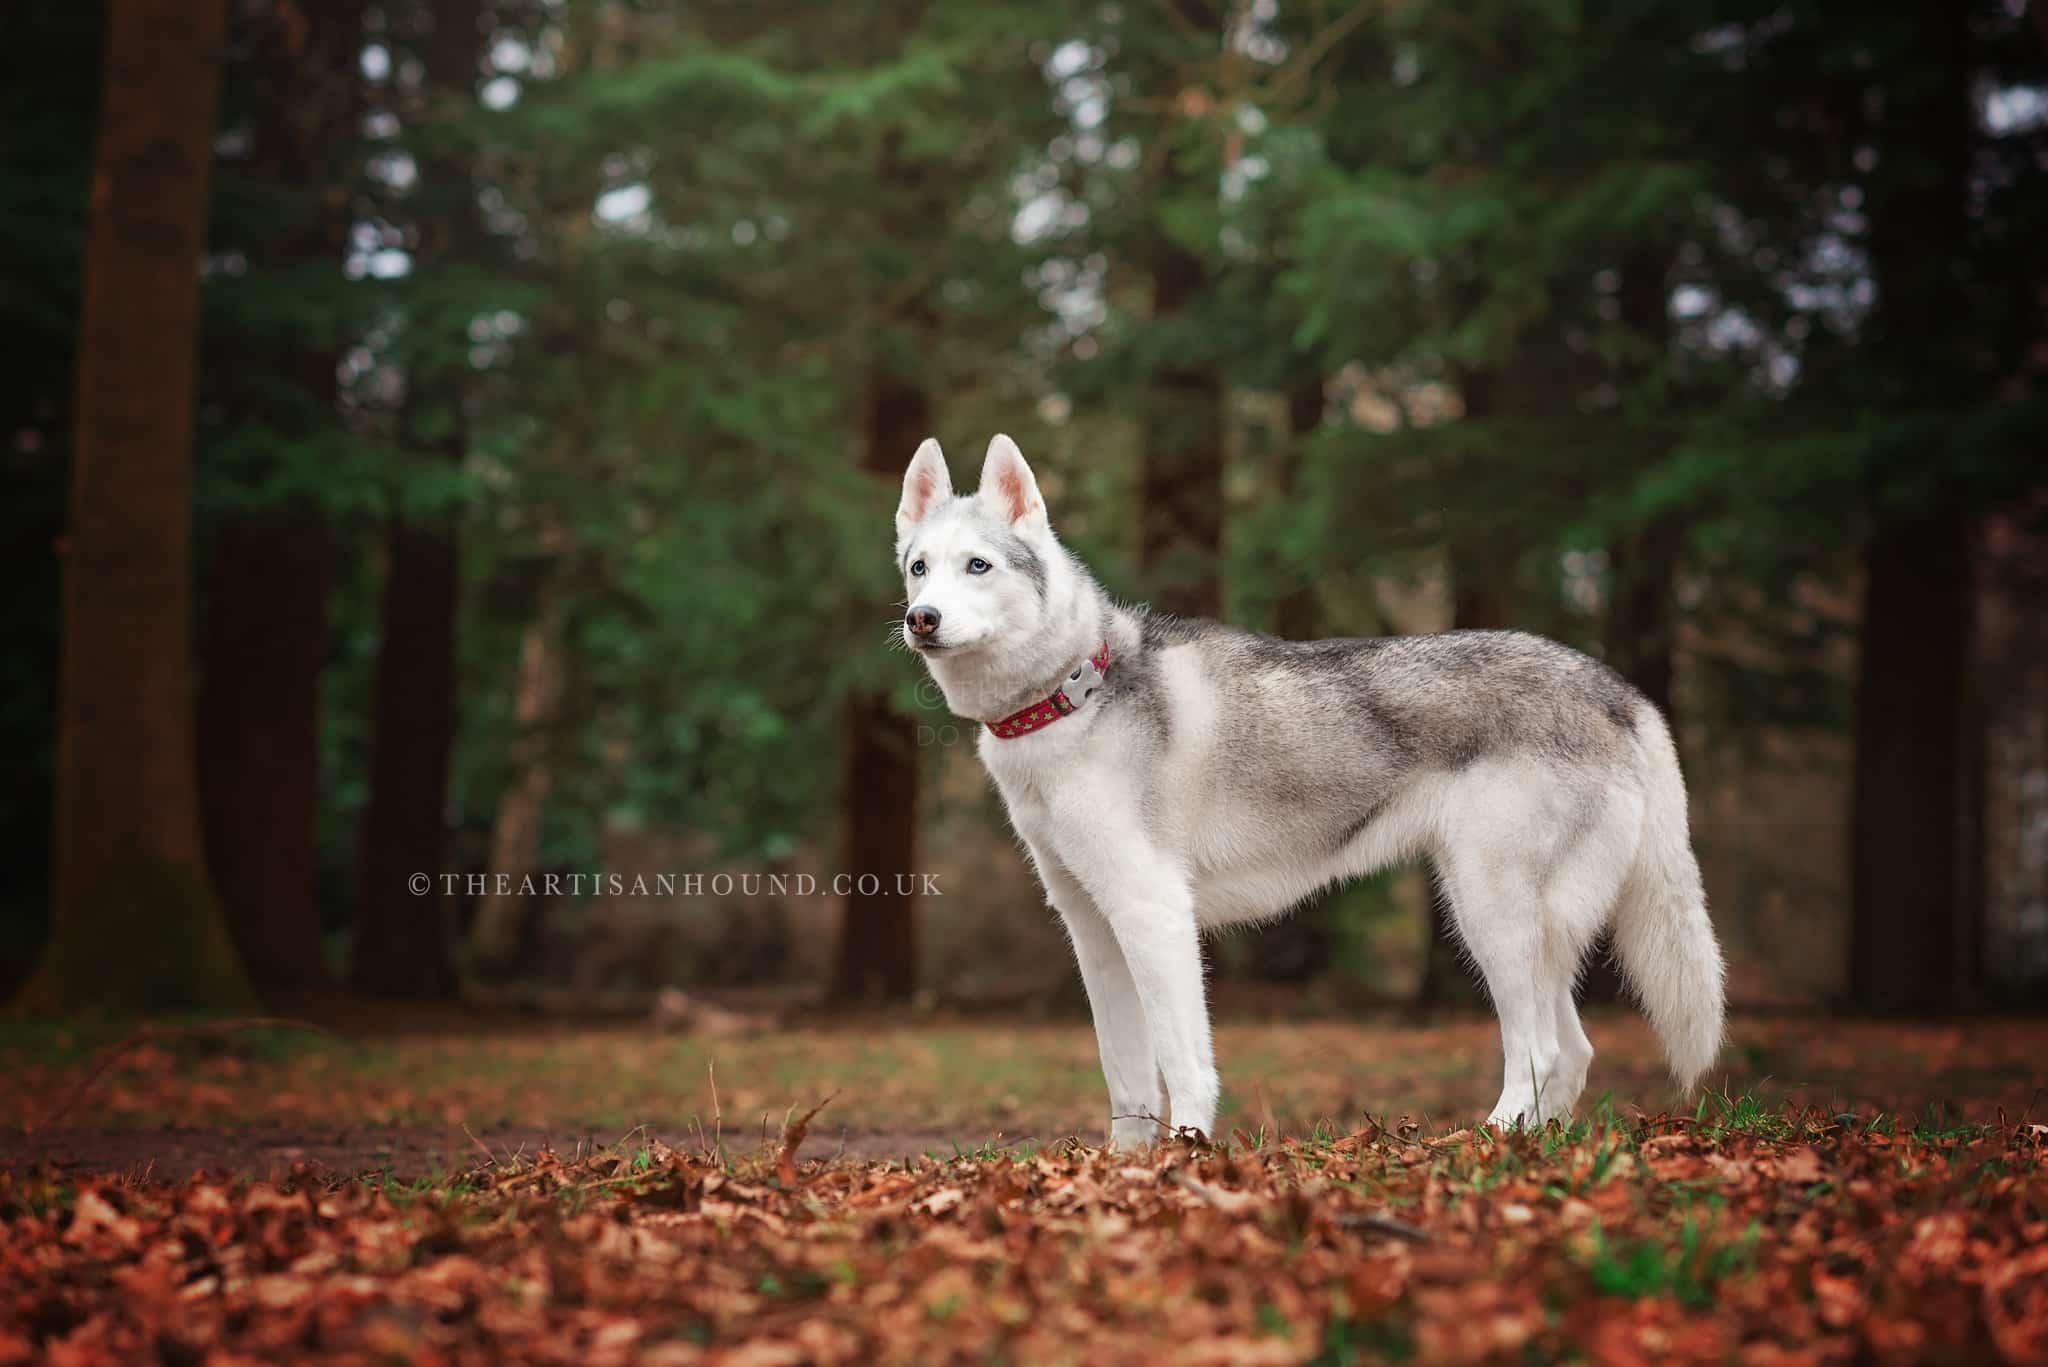 wolf-dog-standing-in-dark-forest